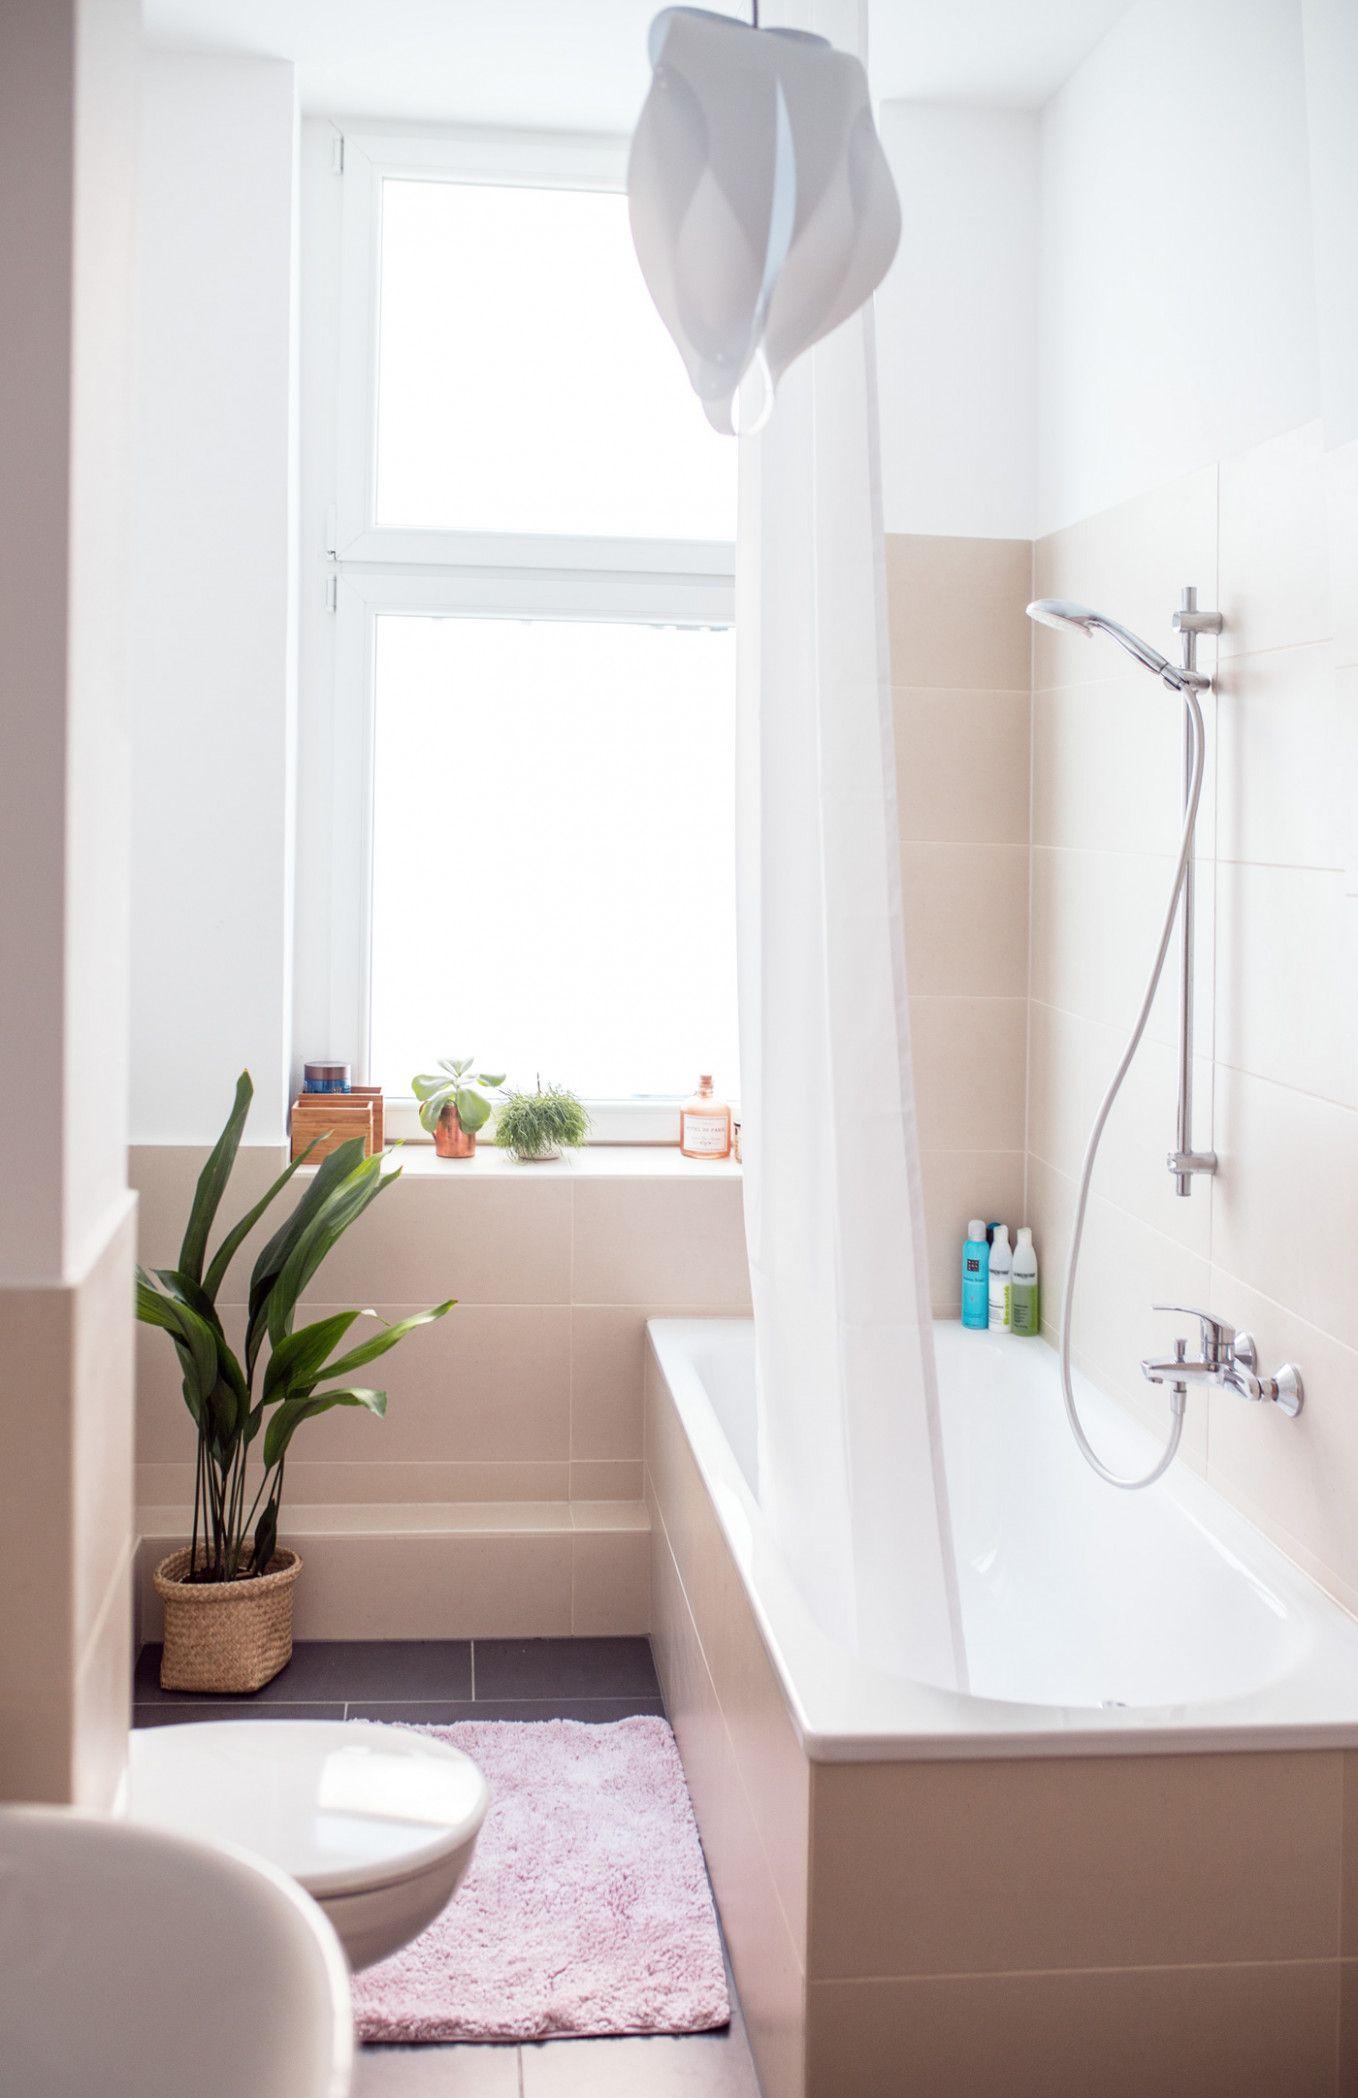 13 Beschwerden Einrichten Deko In 2020 Neues Badezimmer Badezimmer Badezimmer Umgestalten